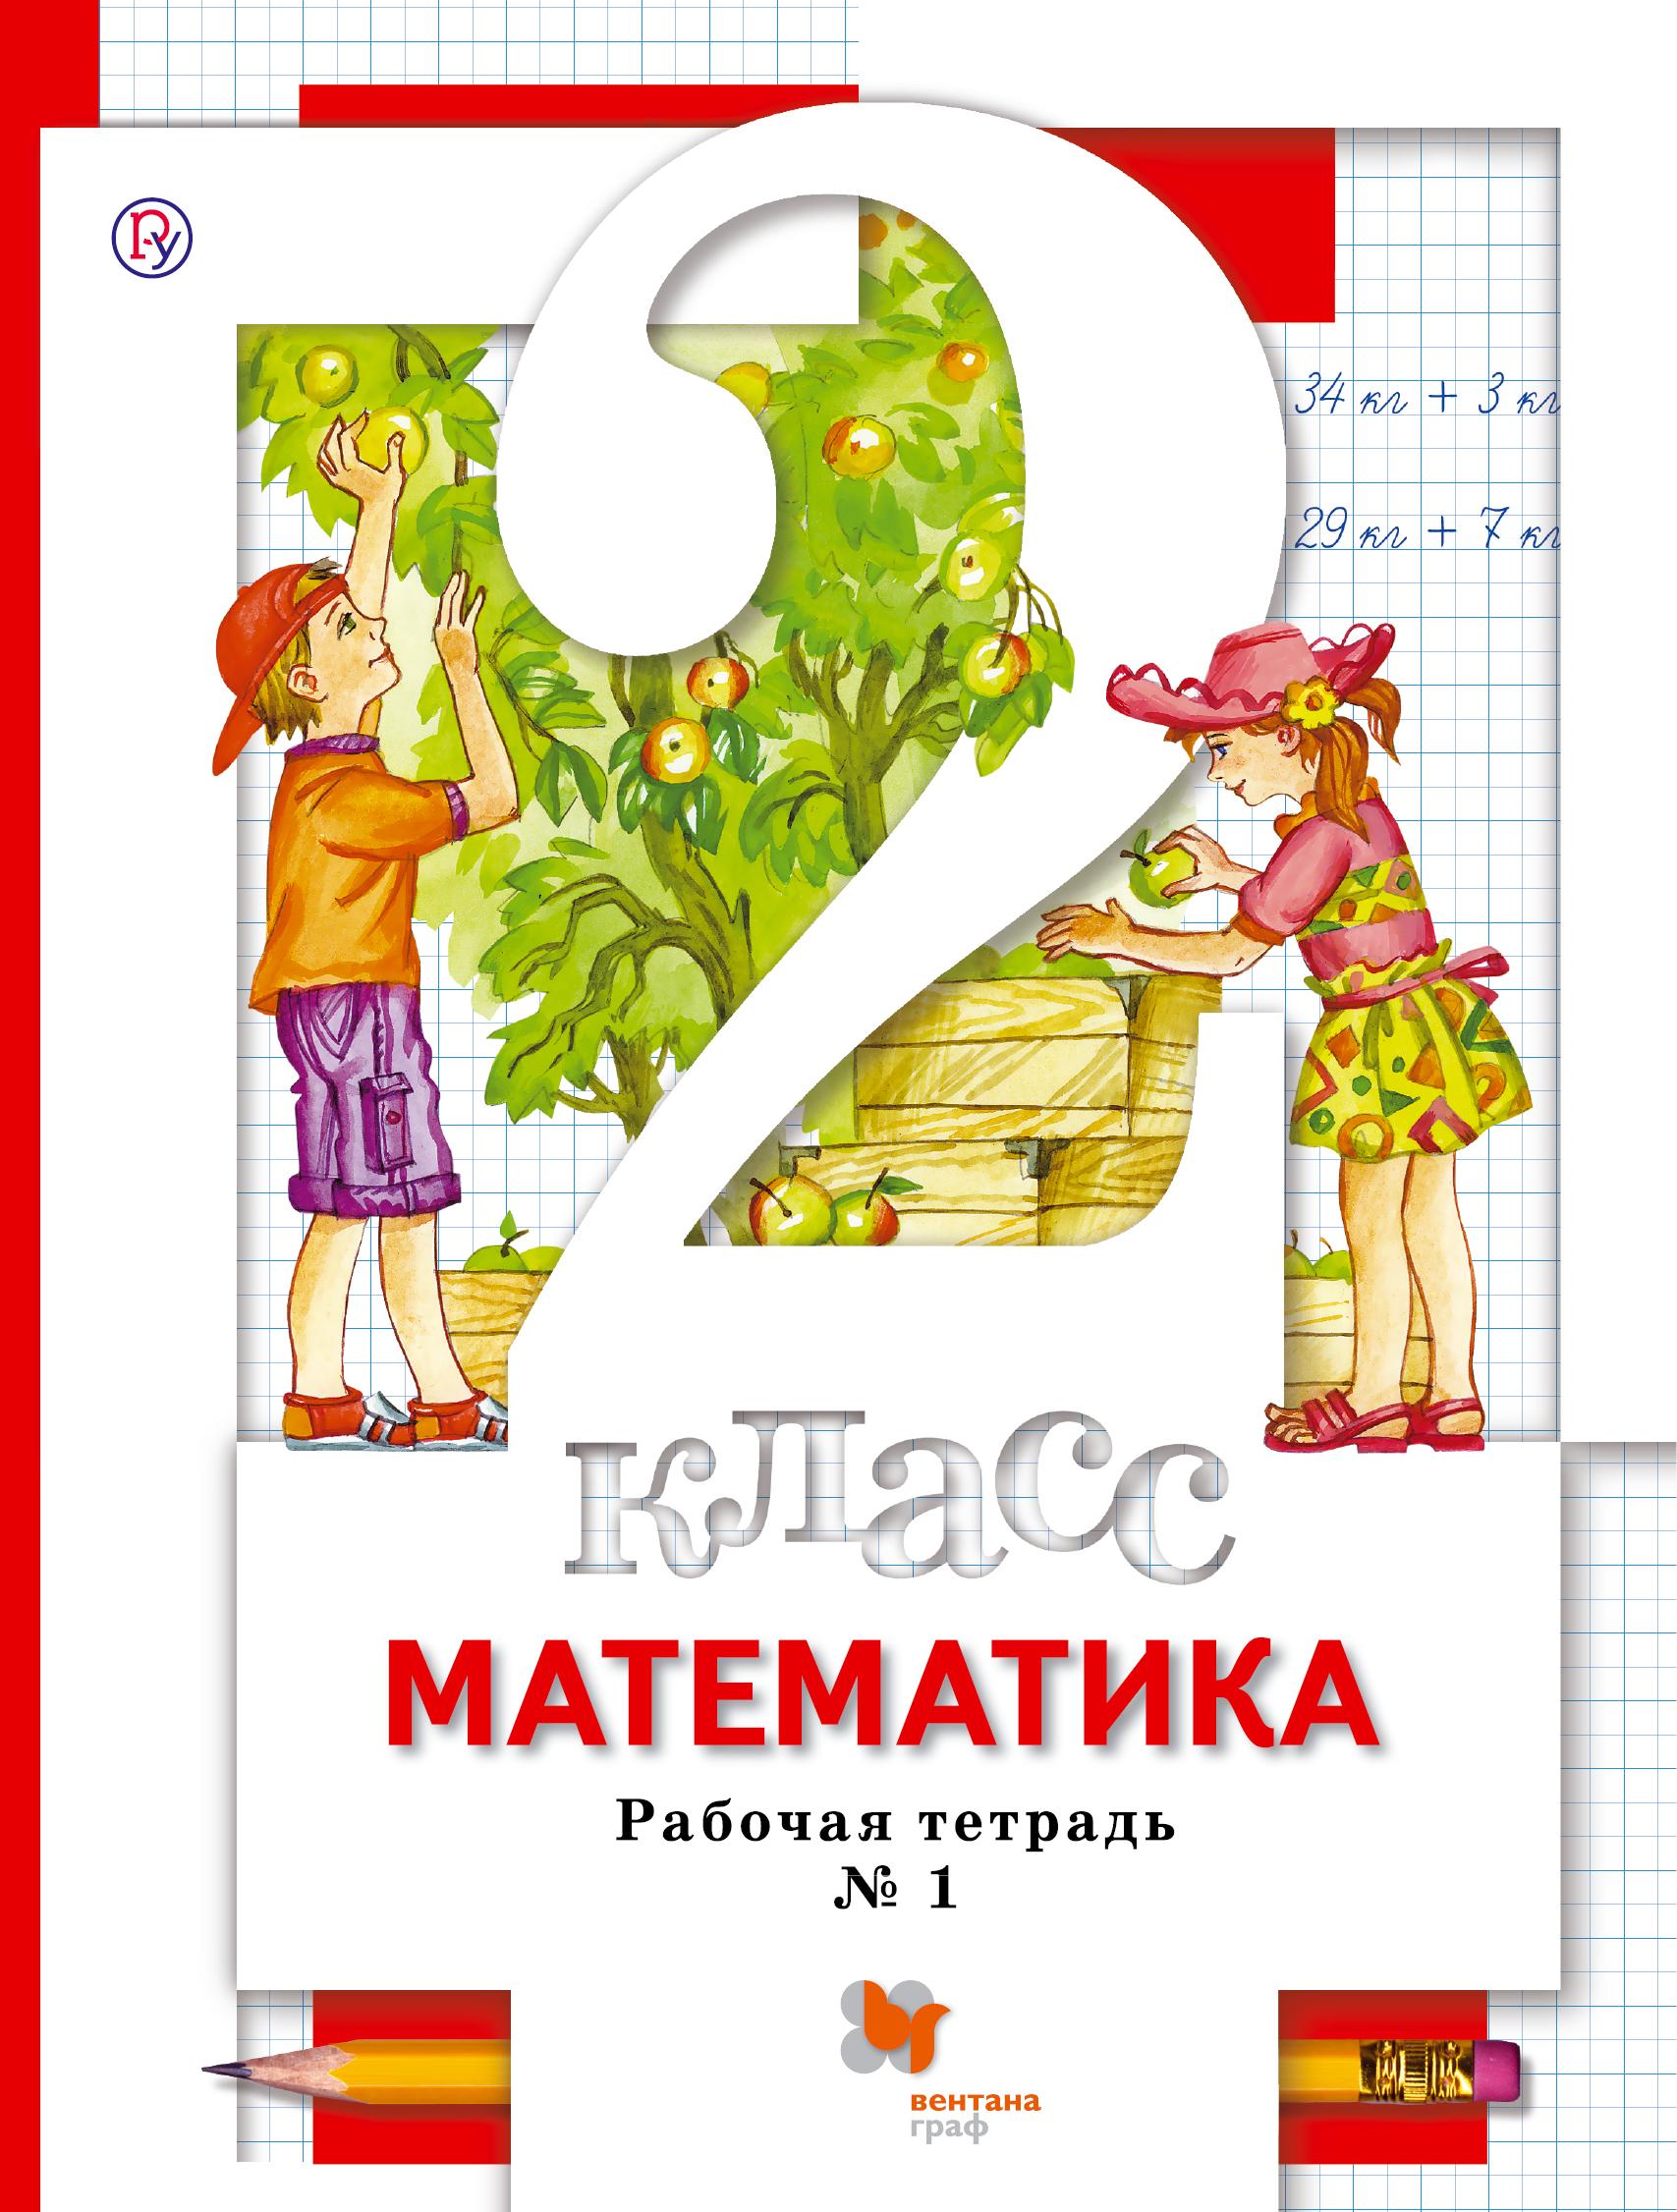 Минаева С.С., Зяблова Е.Н. Математика. 2кл. Рабочая тетрадь №1. минаева с зяблова е математика 2 класс рабочая тетрадь 2